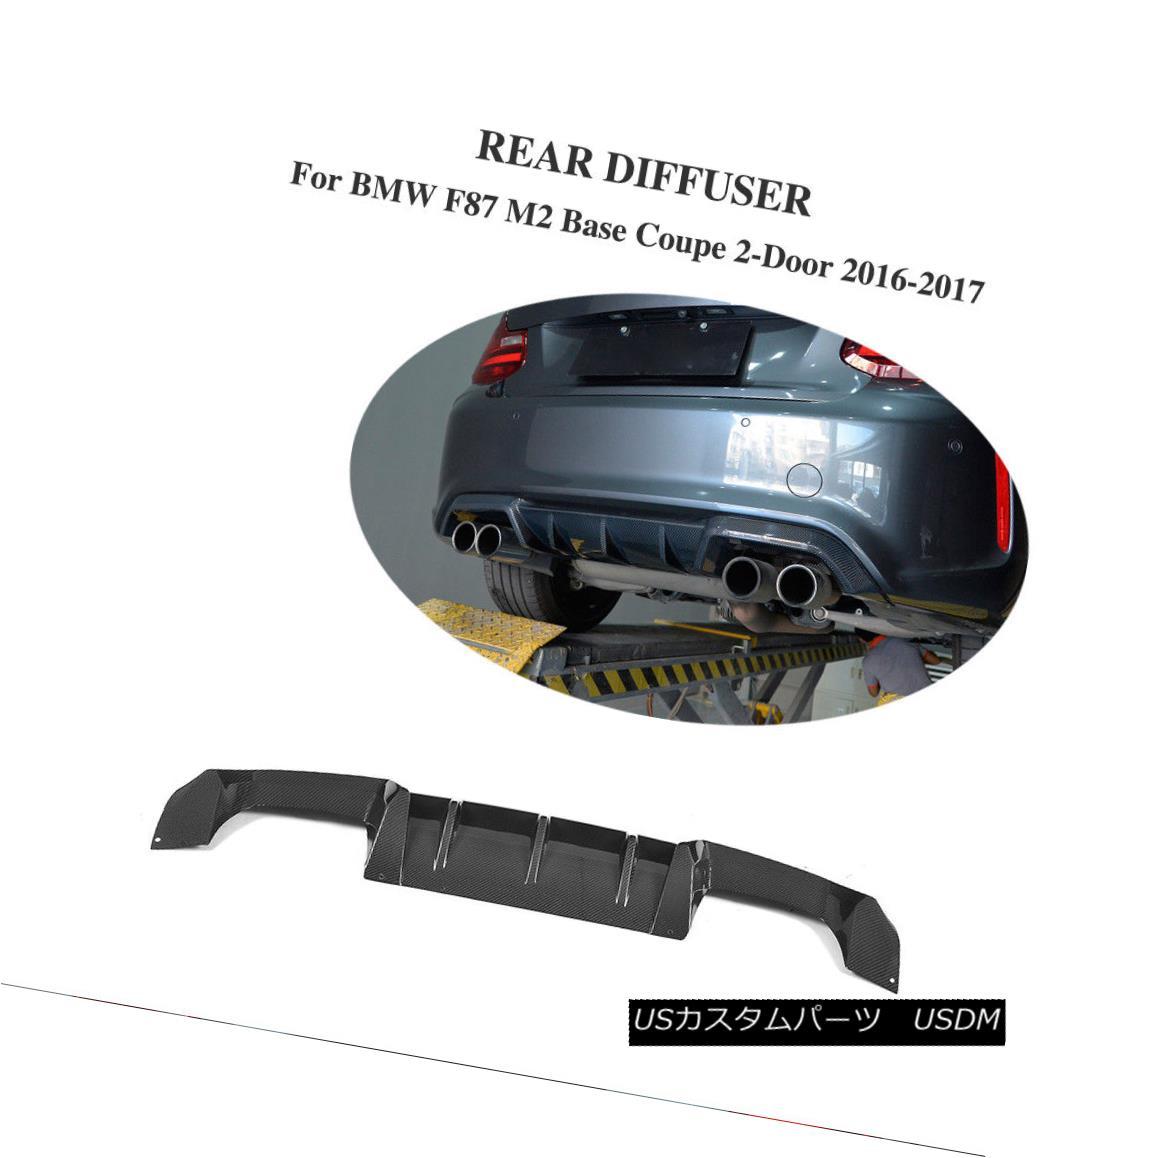 エアロパーツ Carbon Fiber Auto Rear Bumper Diffuser Fit for BMW F87 M2 Coupe 2-Door 16-17 カーボンファイバーBMW F87 M2クーペ2ドア16-17用オートリアバンパーディフューザーフィット